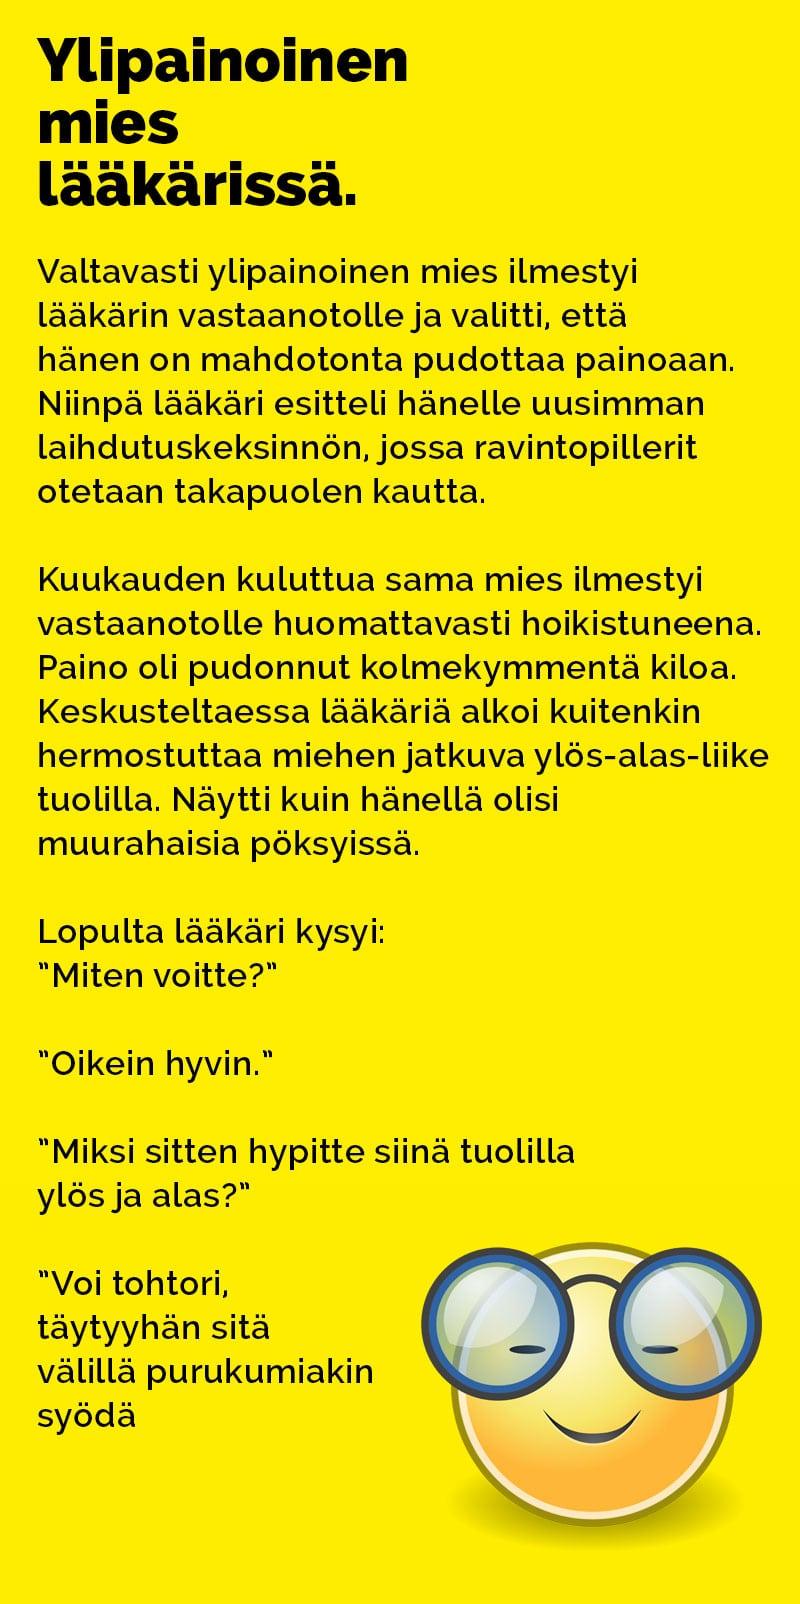 ylipainoinen mies Savonlinna